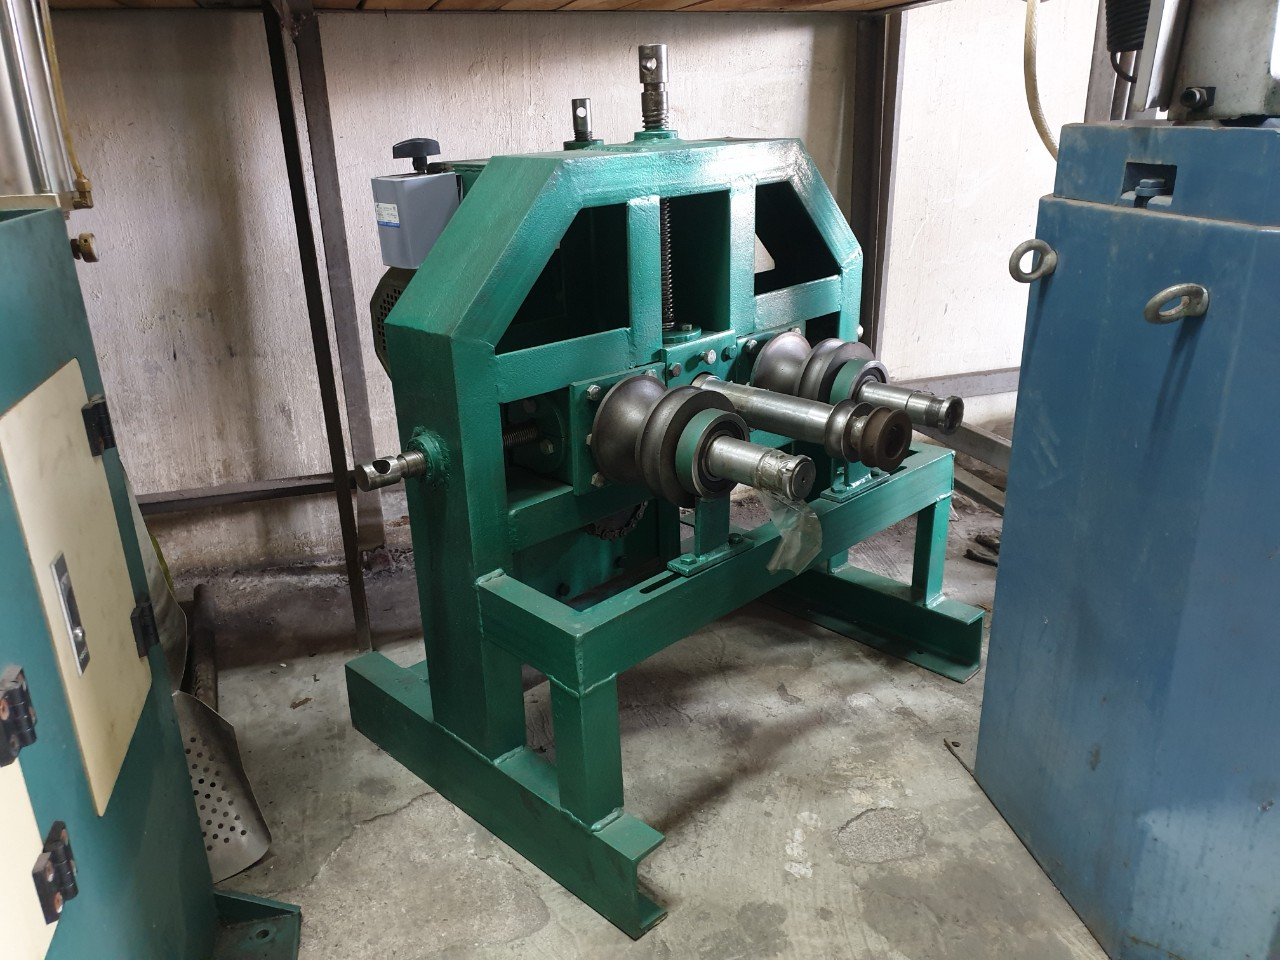 Ứng dụng của máy uốn ống thủy lực